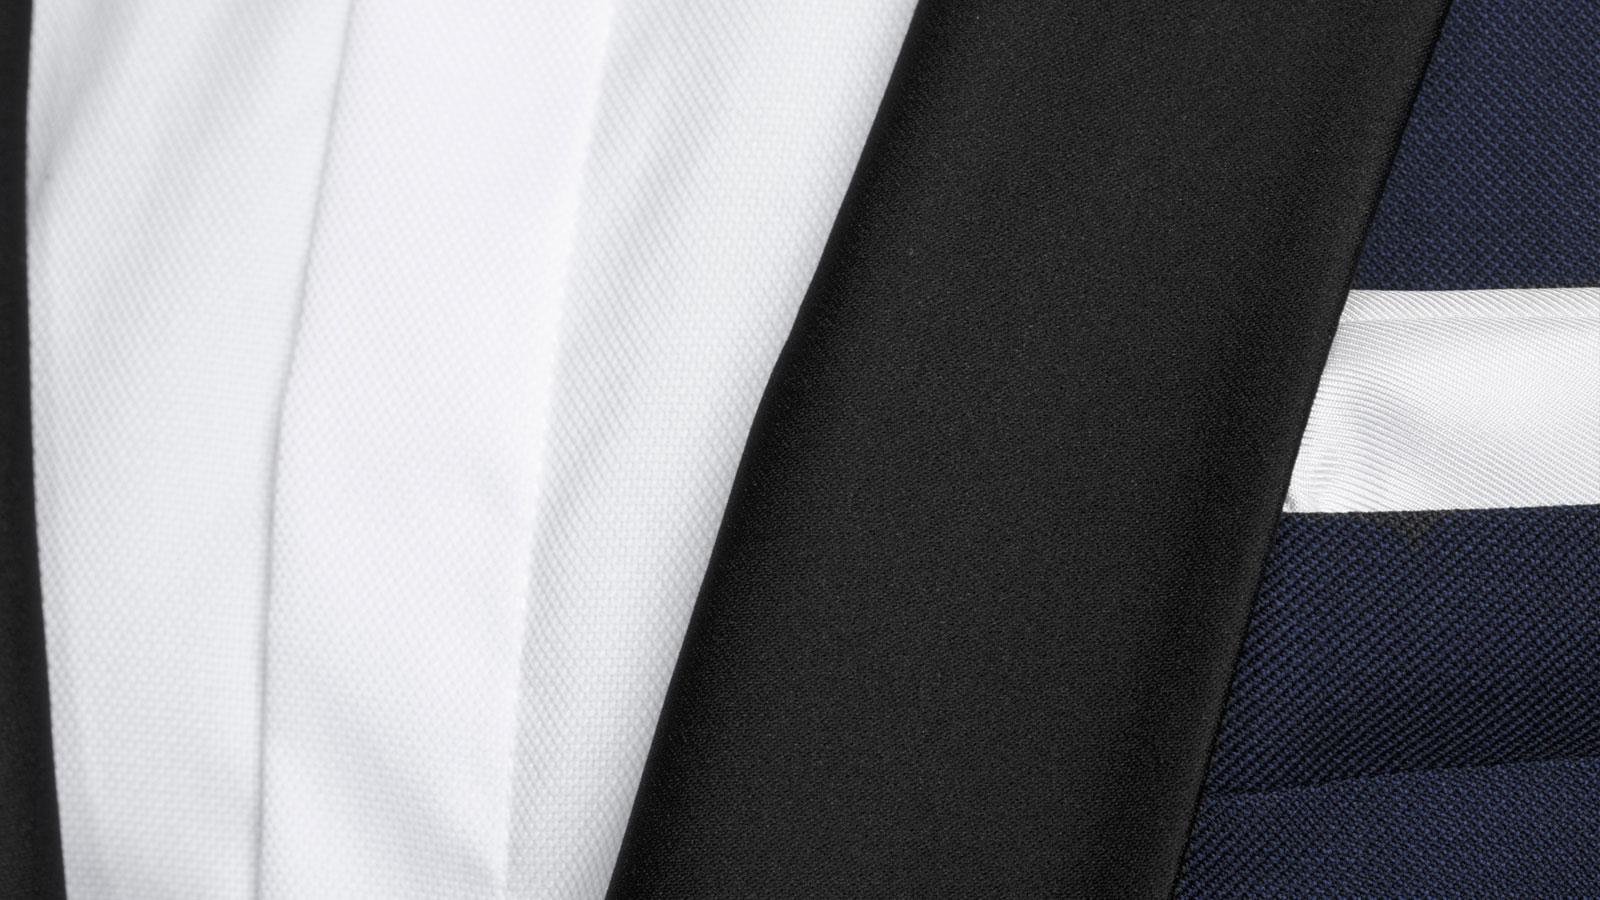 Blue Sharkskin Tuxedo - slider image 1